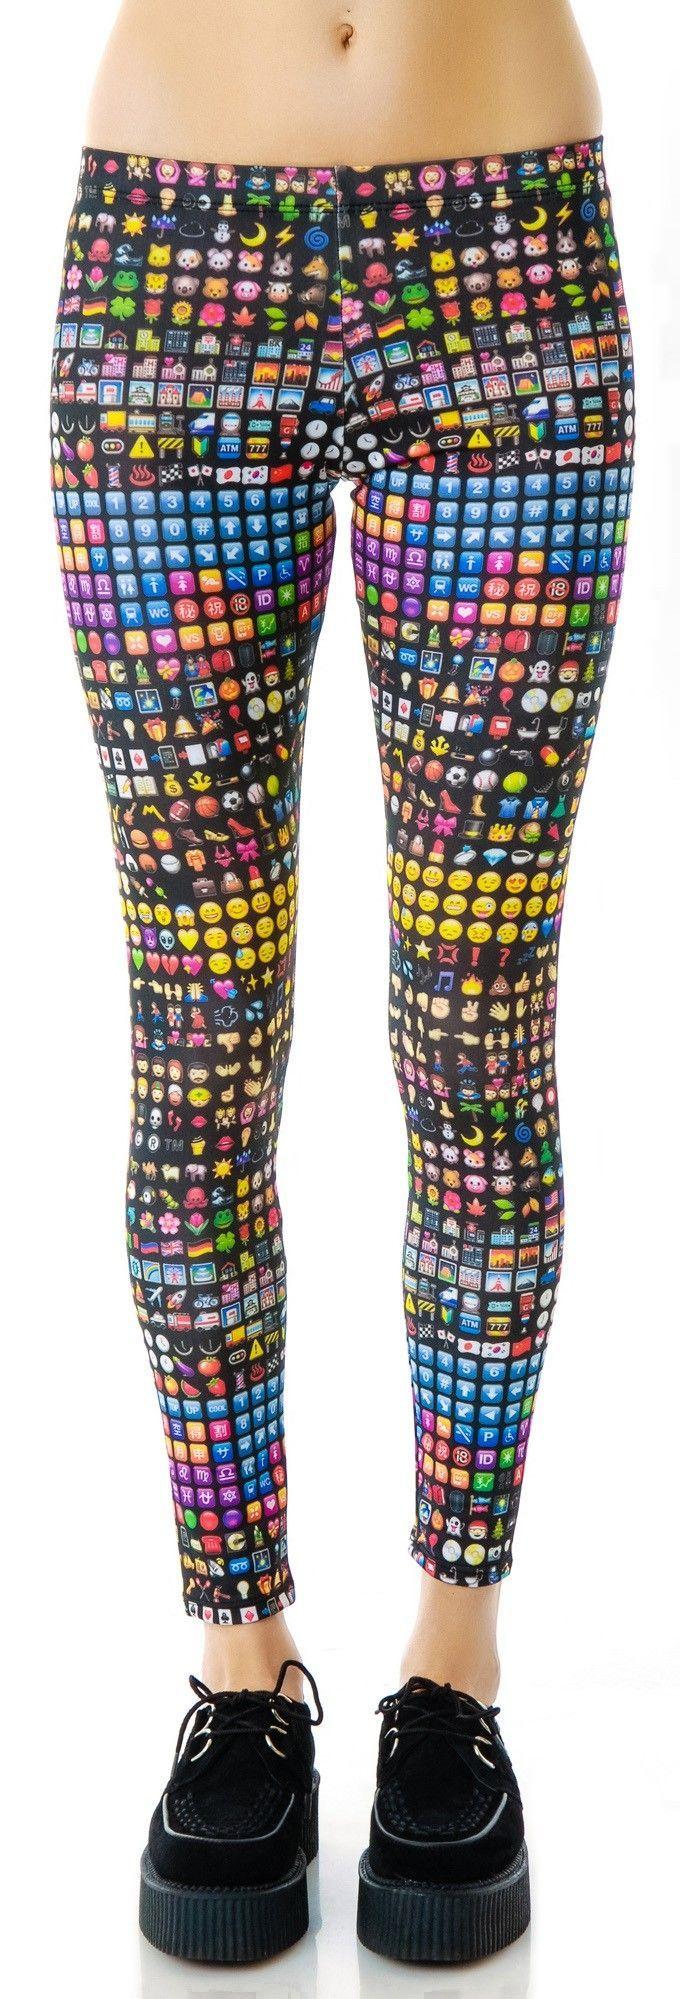 emojis clothes   ... Emojis Clothes, Dolls Kill Socks, Wishlist, Emojis Clothing, Clothing